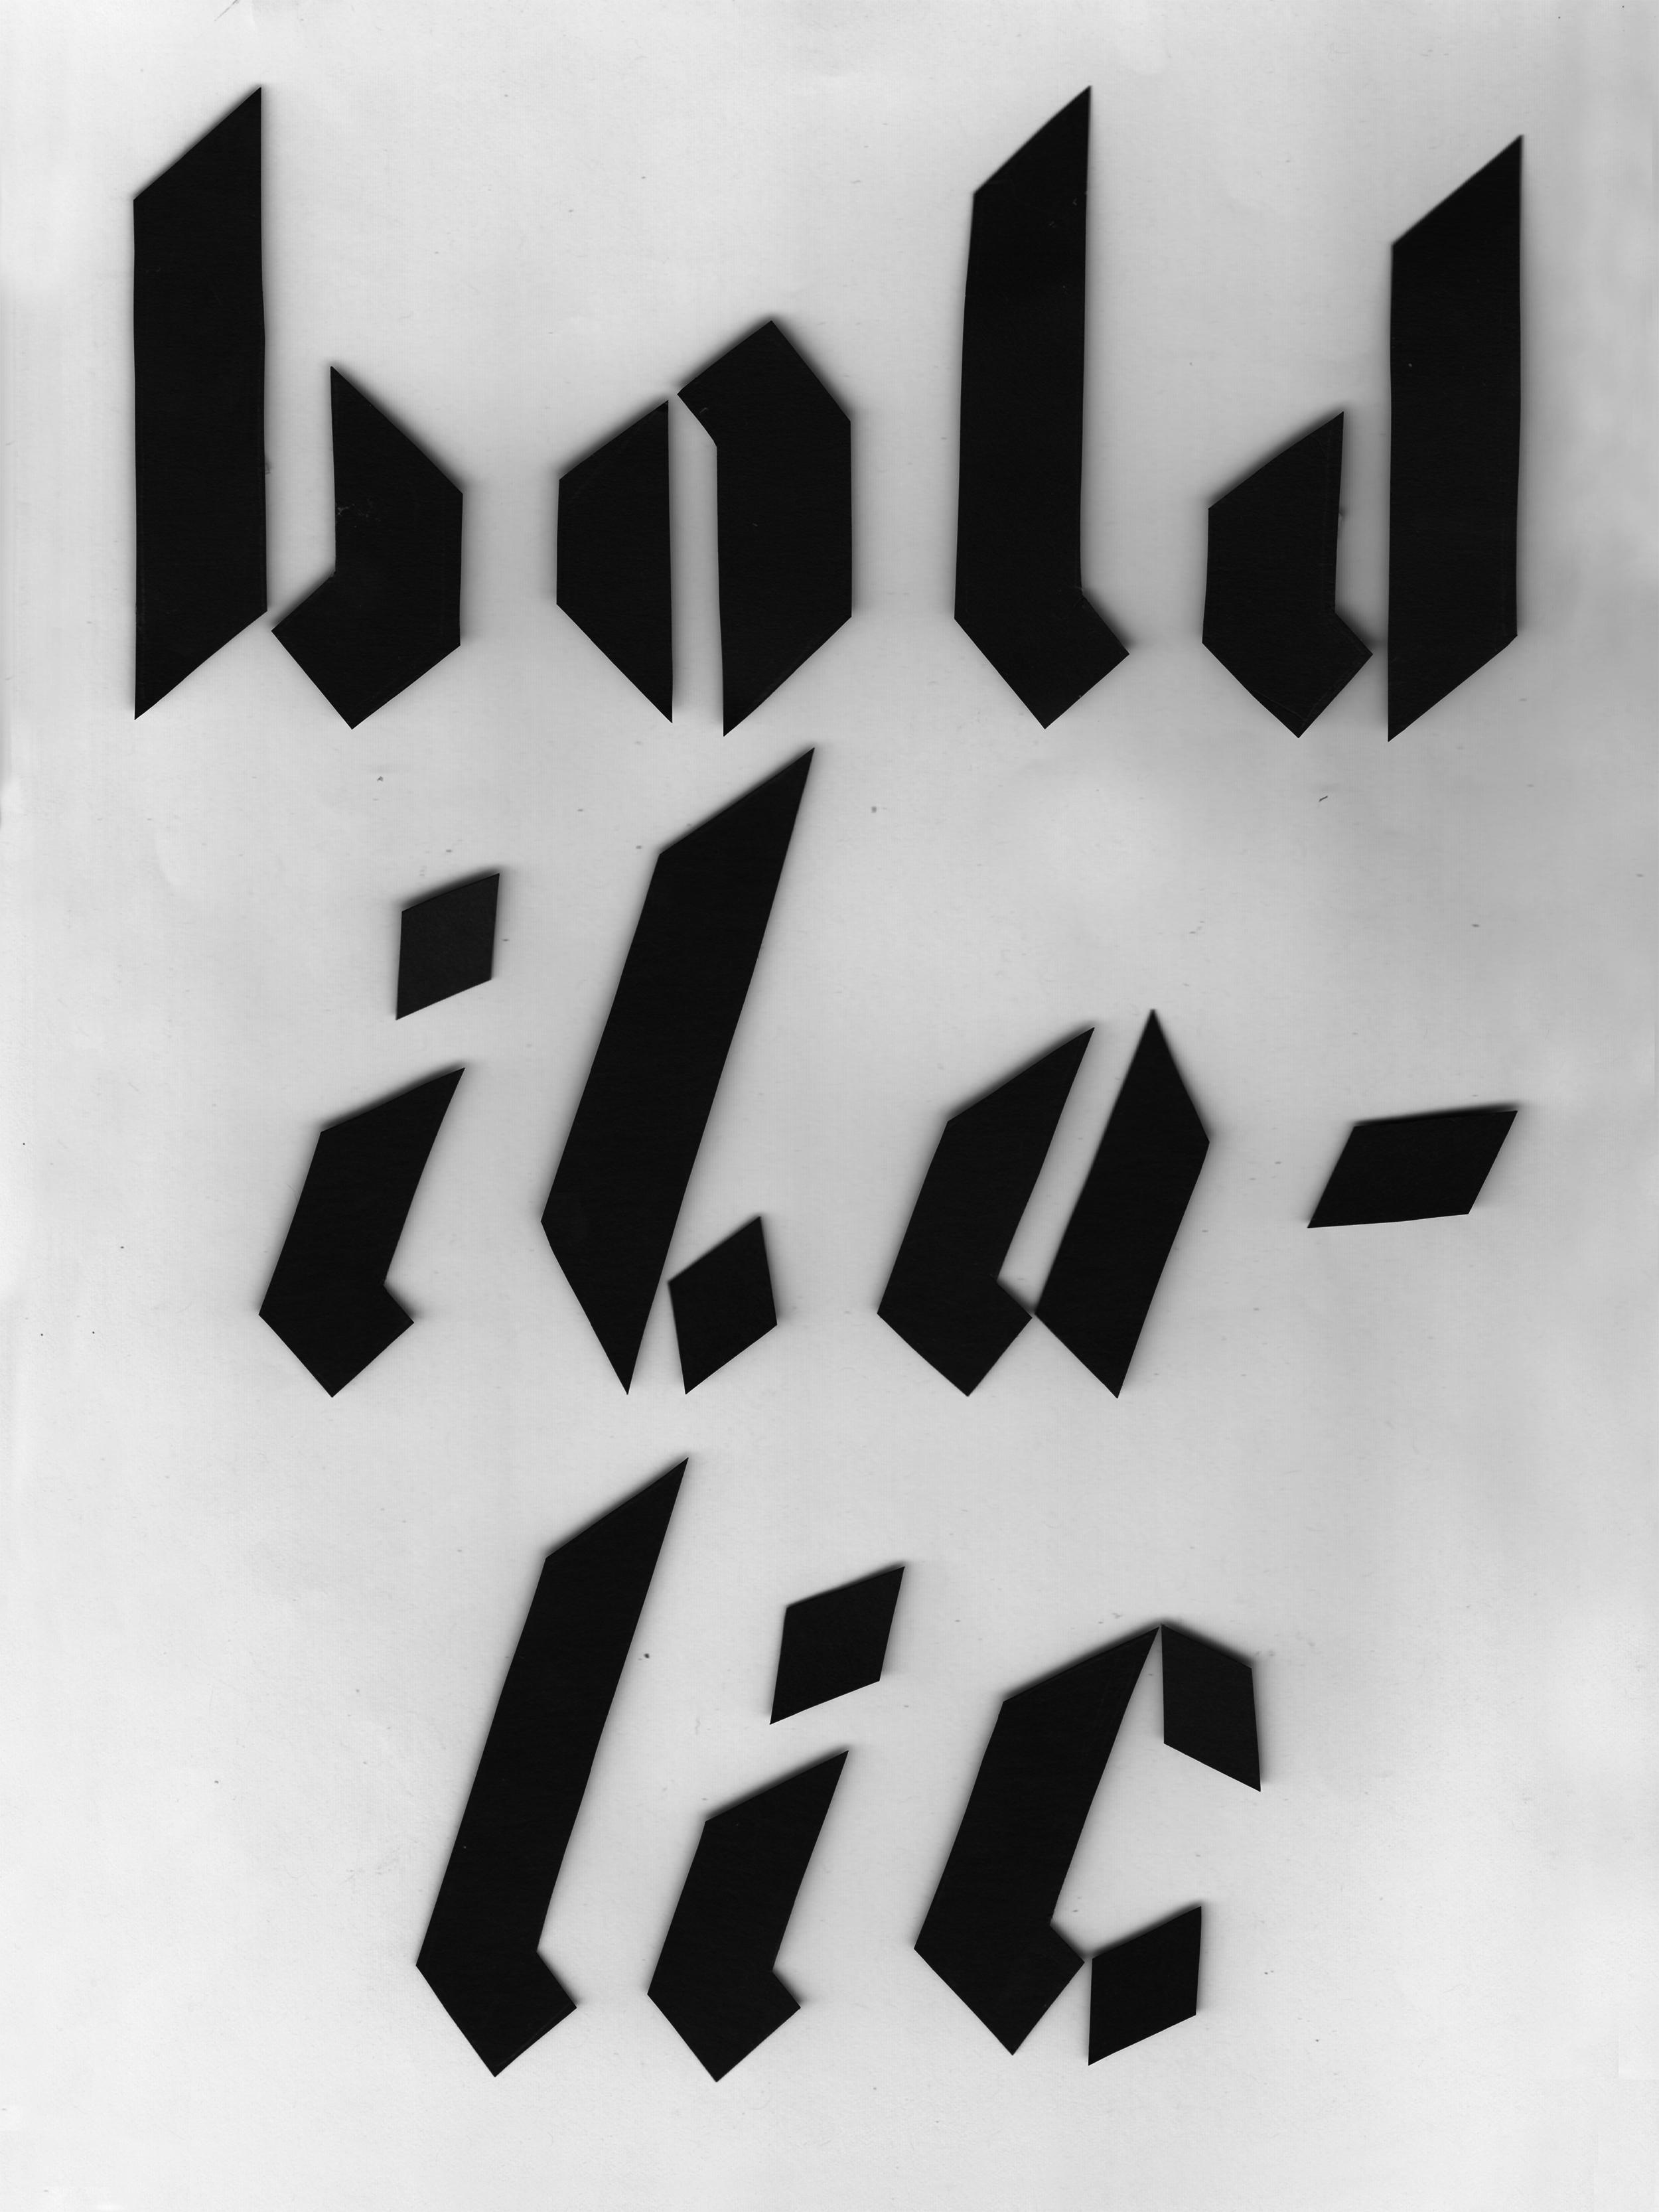 BOLD-ITALIC-2013.jpg